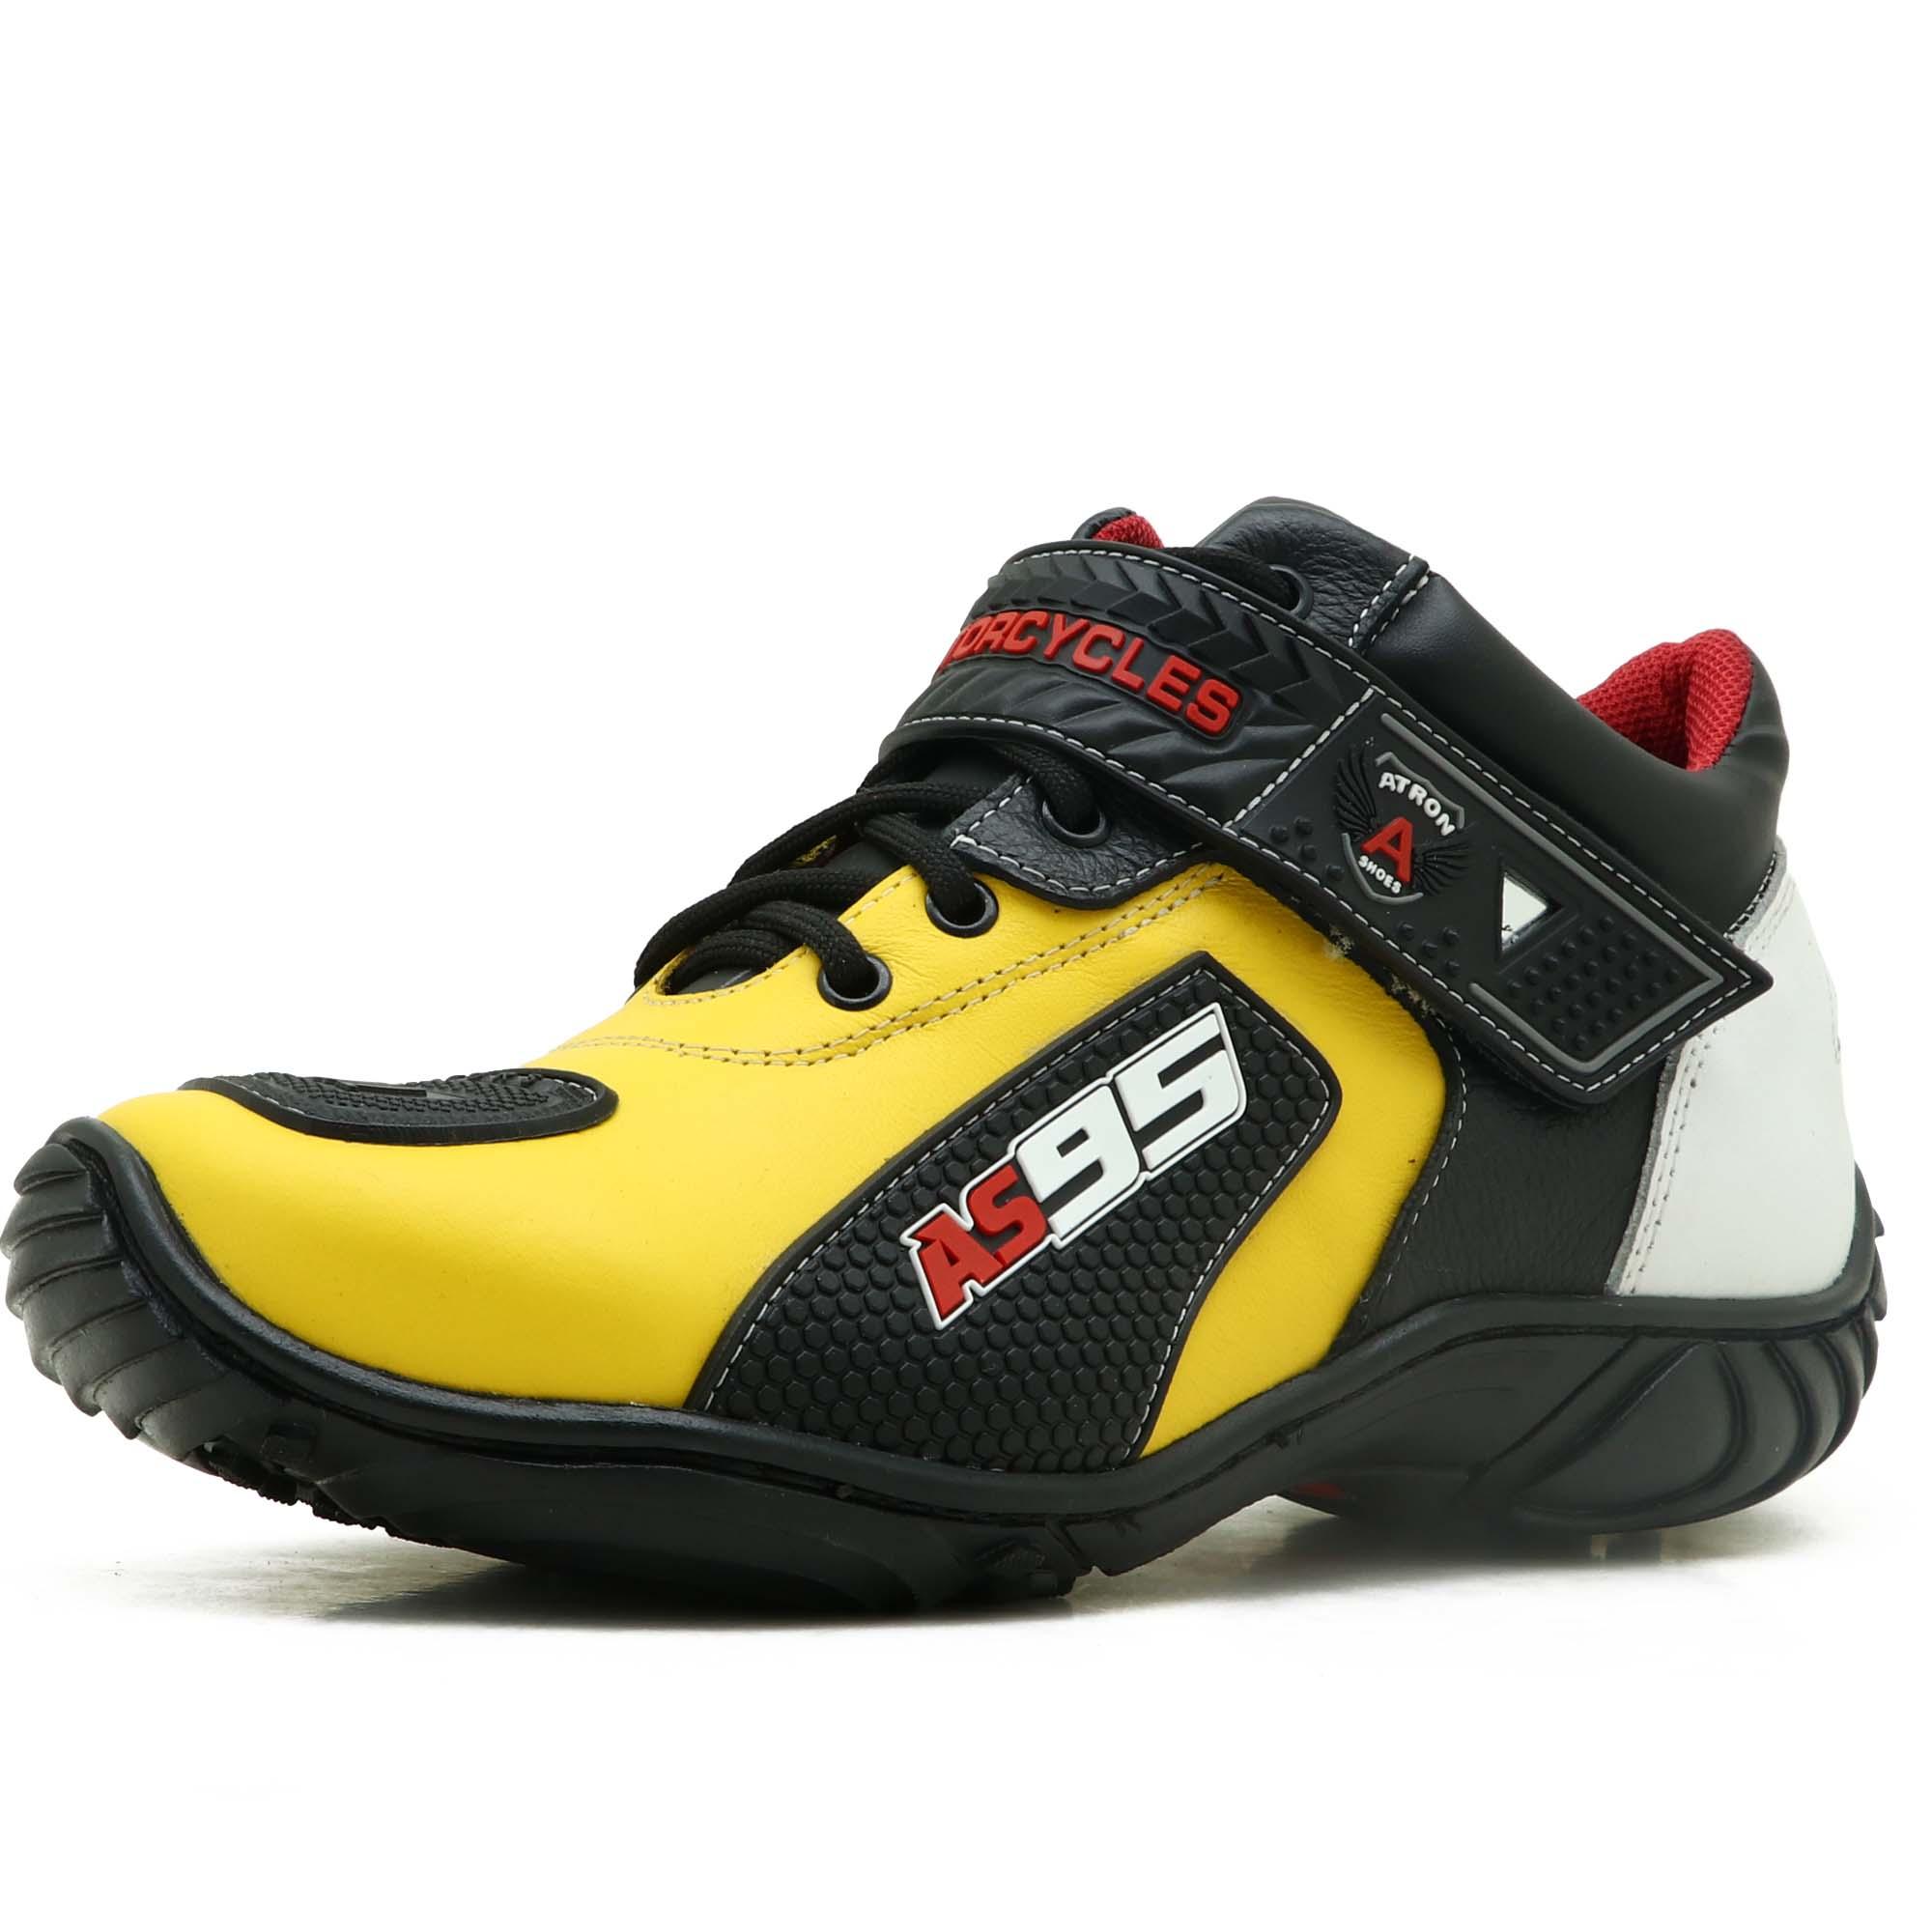 Tênis motociclista AS95 em couro legítimo na cor amarelo branco e preto 403